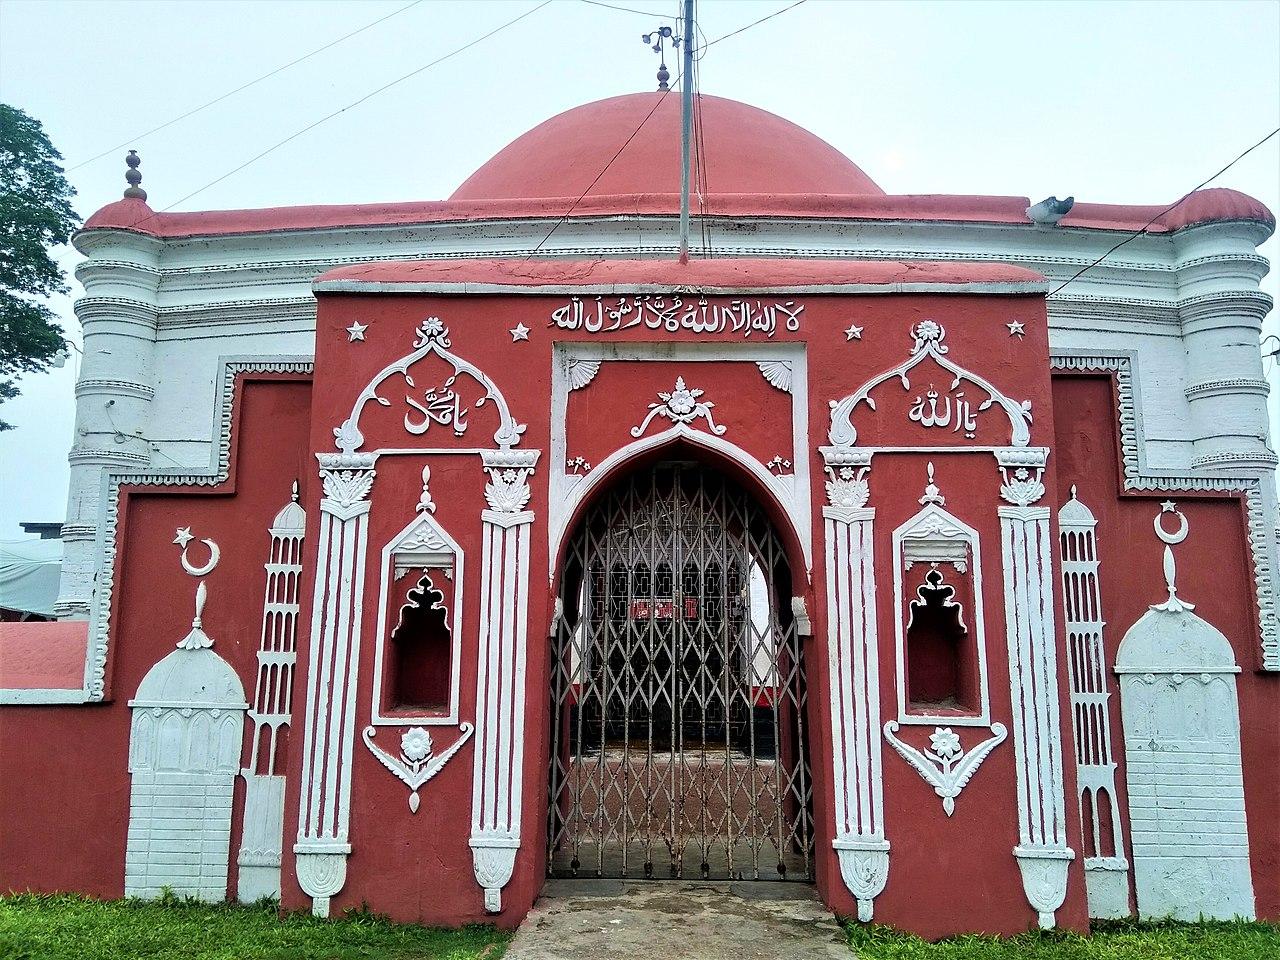 খান জাহান আলির সমাধিসৌধ ঘিরে স্থাপনাসমূহ